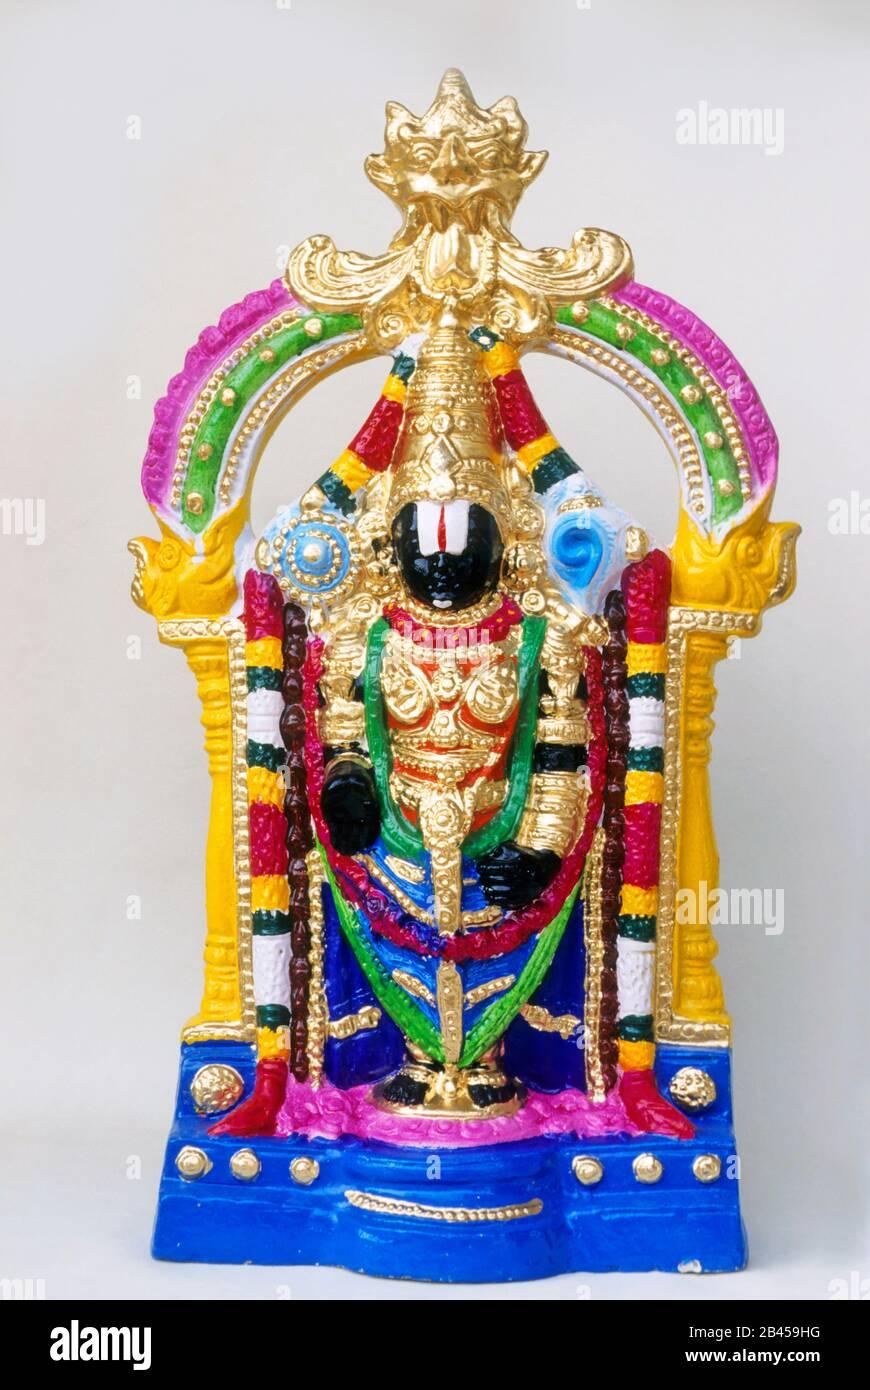 Idol Of Lord Balaji India Asia Stock Photo Alamy